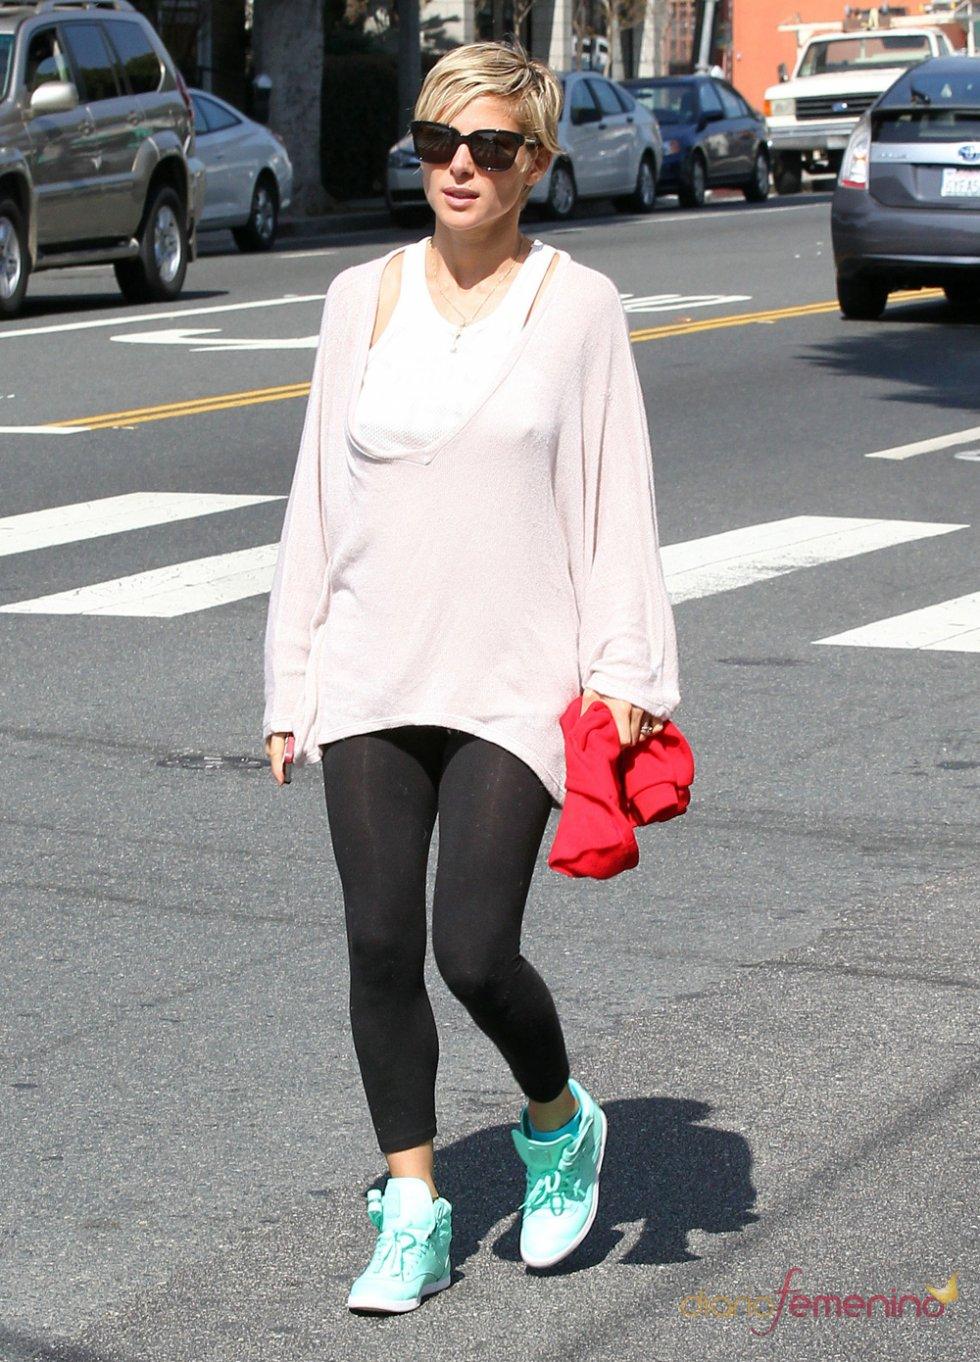 Elsa Pataky pasea con leggins y deportivas durante un soleado día